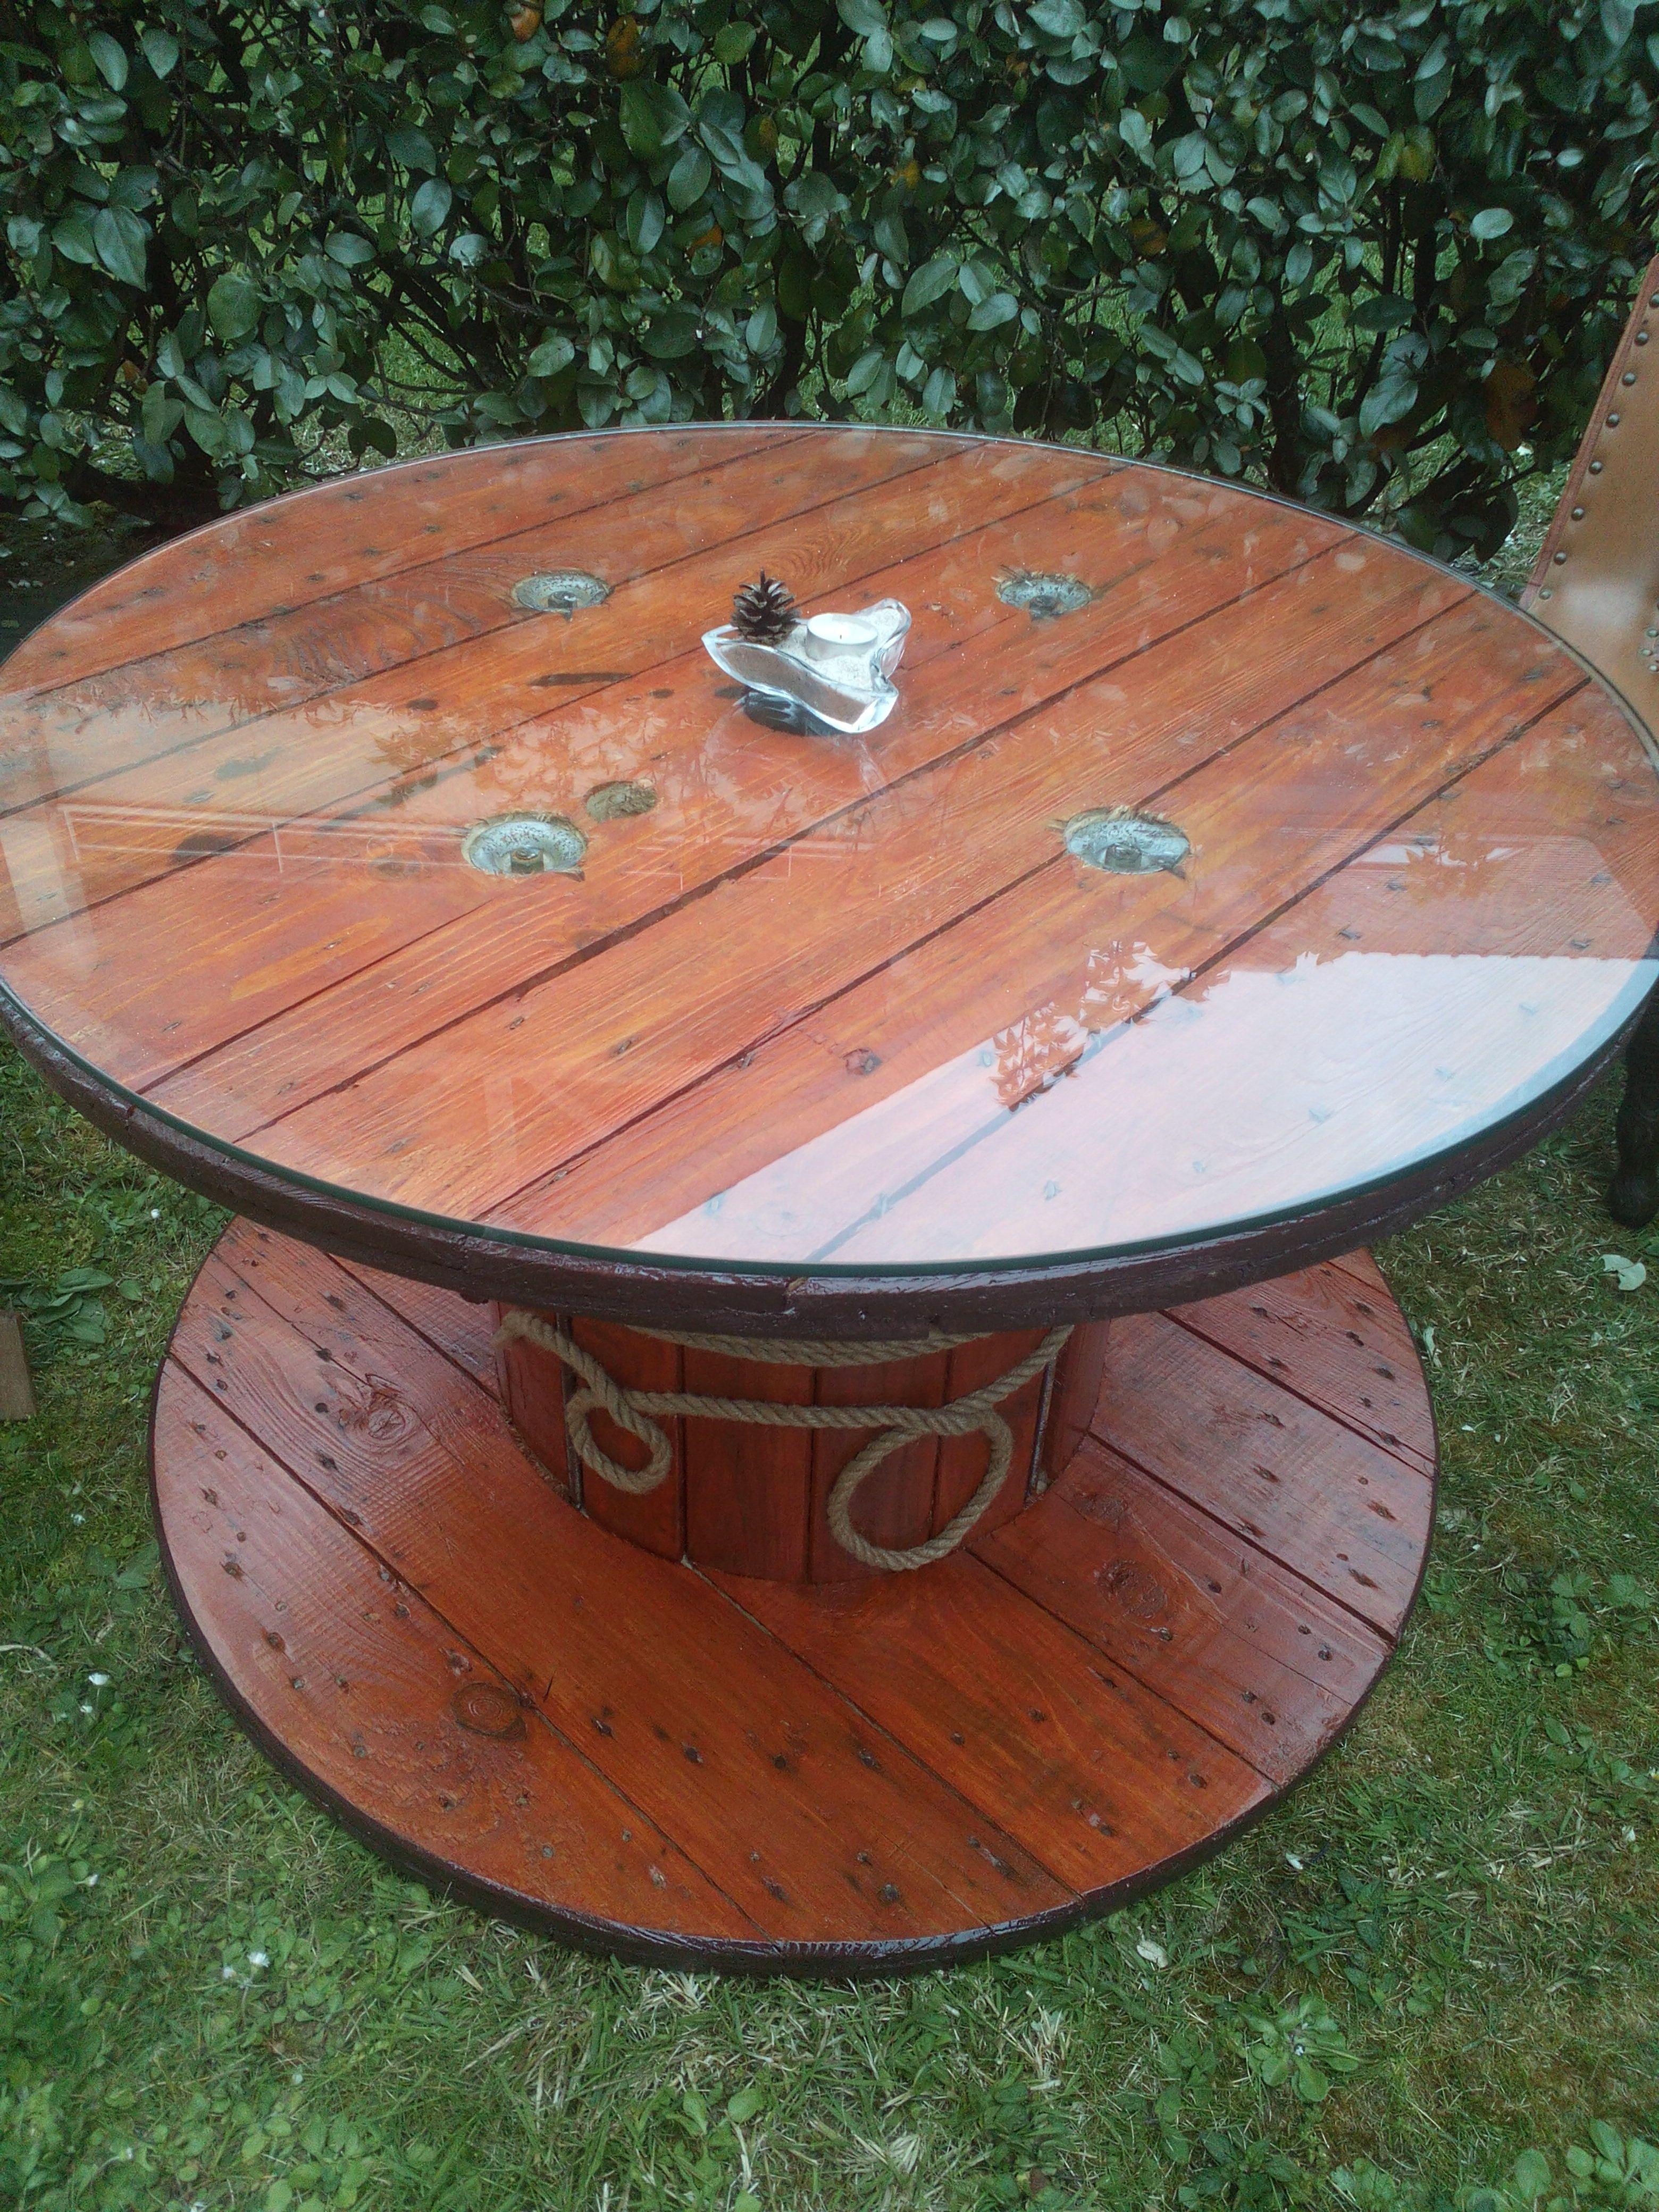 touret 2 r nov table basse r versible diy table de jardin diy perso pinterest touret. Black Bedroom Furniture Sets. Home Design Ideas